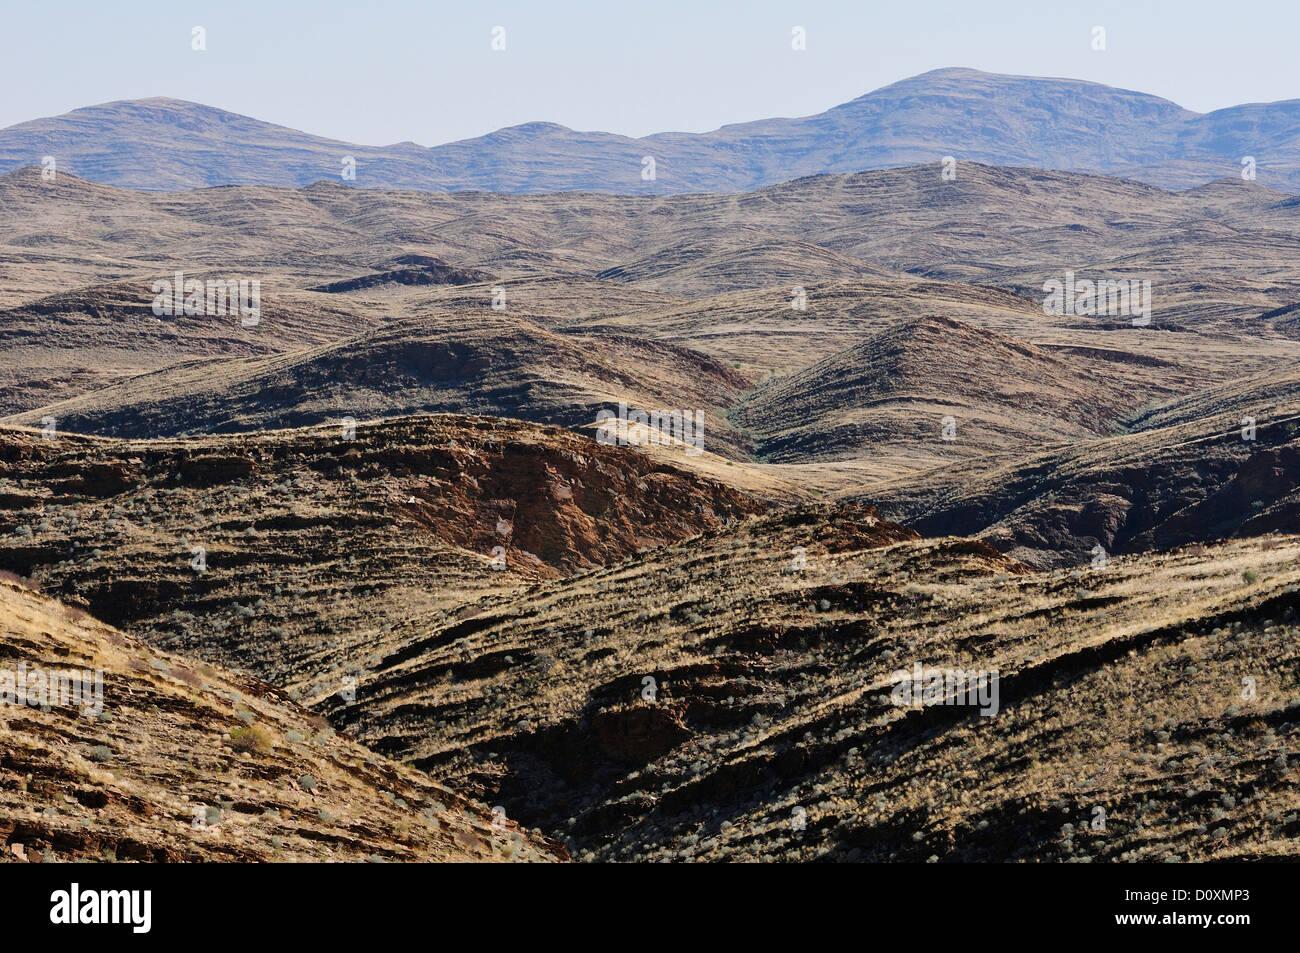 Africa, Namib, Naukluft, Park, Namibia, desert, fold, geology, horizontal, landscape, monochromatic, rolling hills, - Stock Image